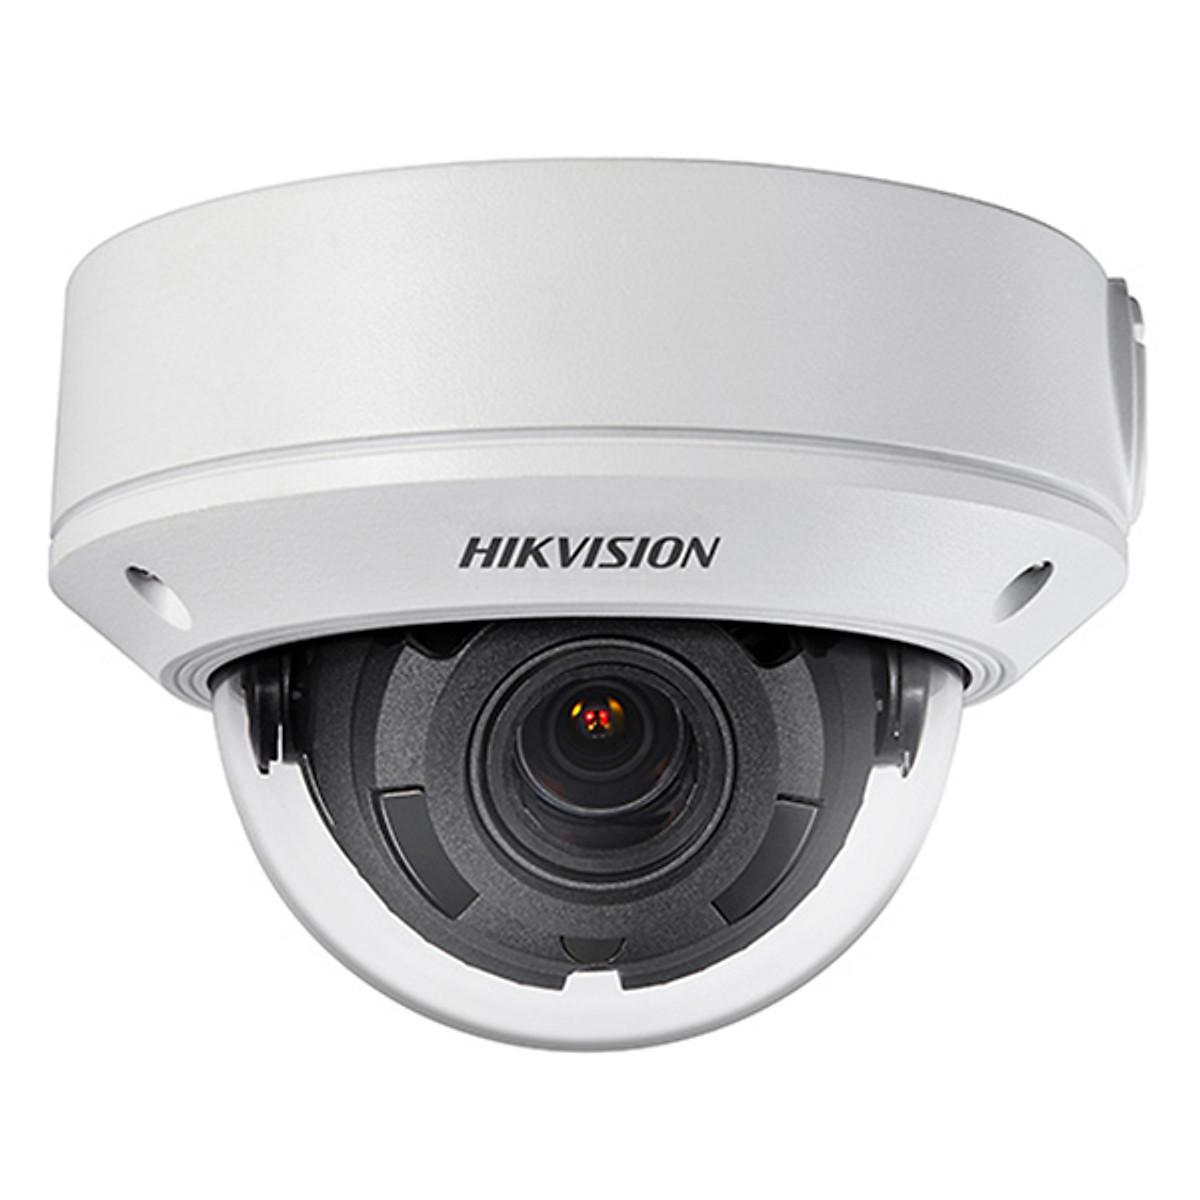 Camera IP Hikvision Dome 3MP DS-2CD1143G0-I – Hàng Chính Hãng